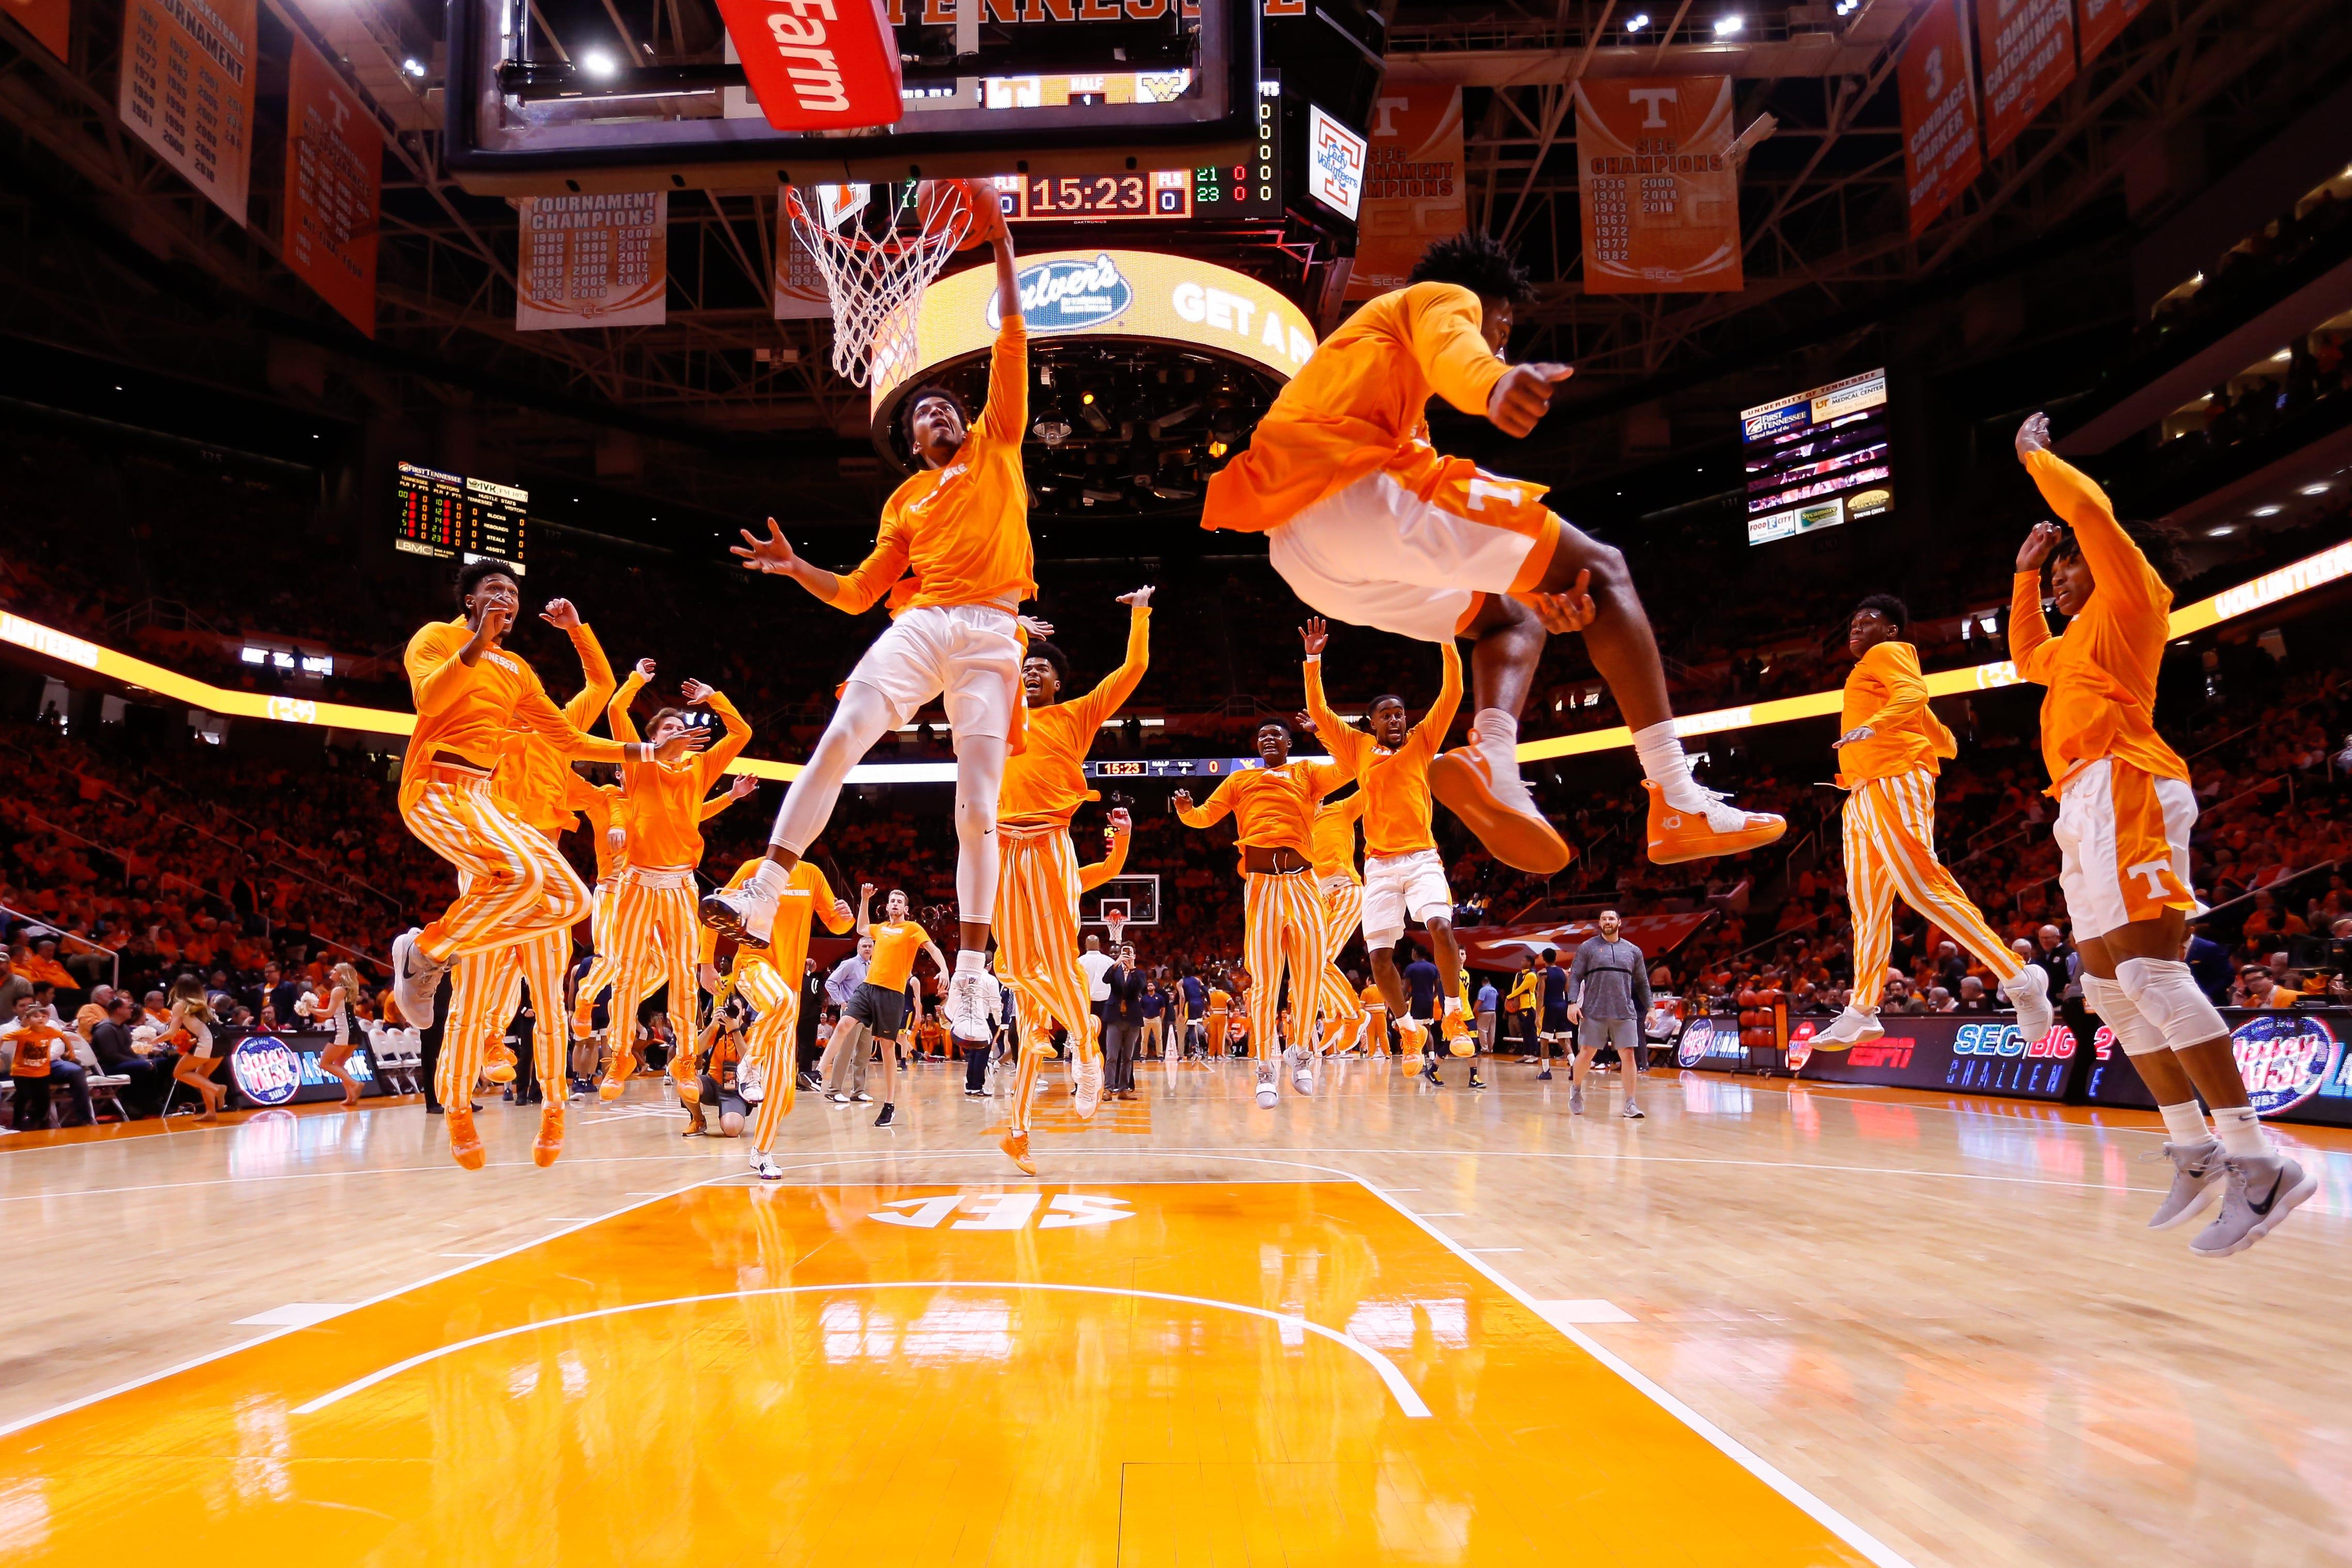 The Vols' pregame dunk tradition